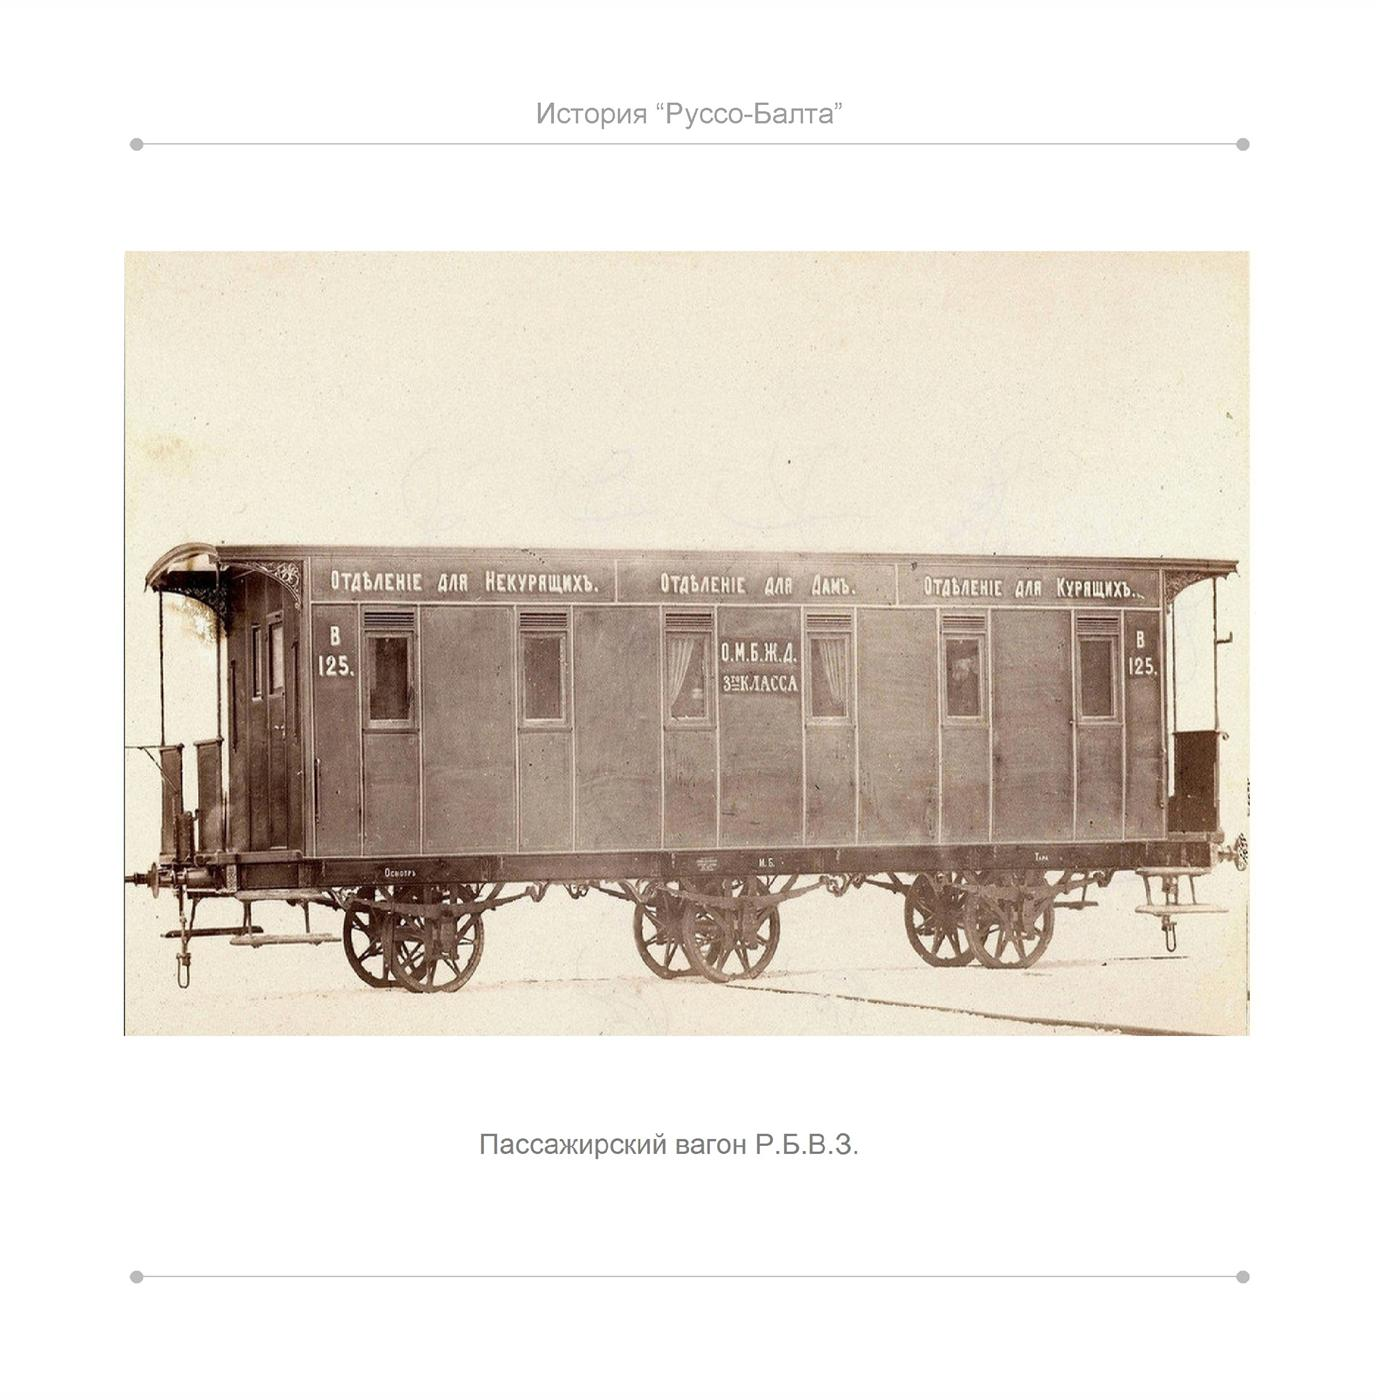 Пассажирский вагон РБВЗ